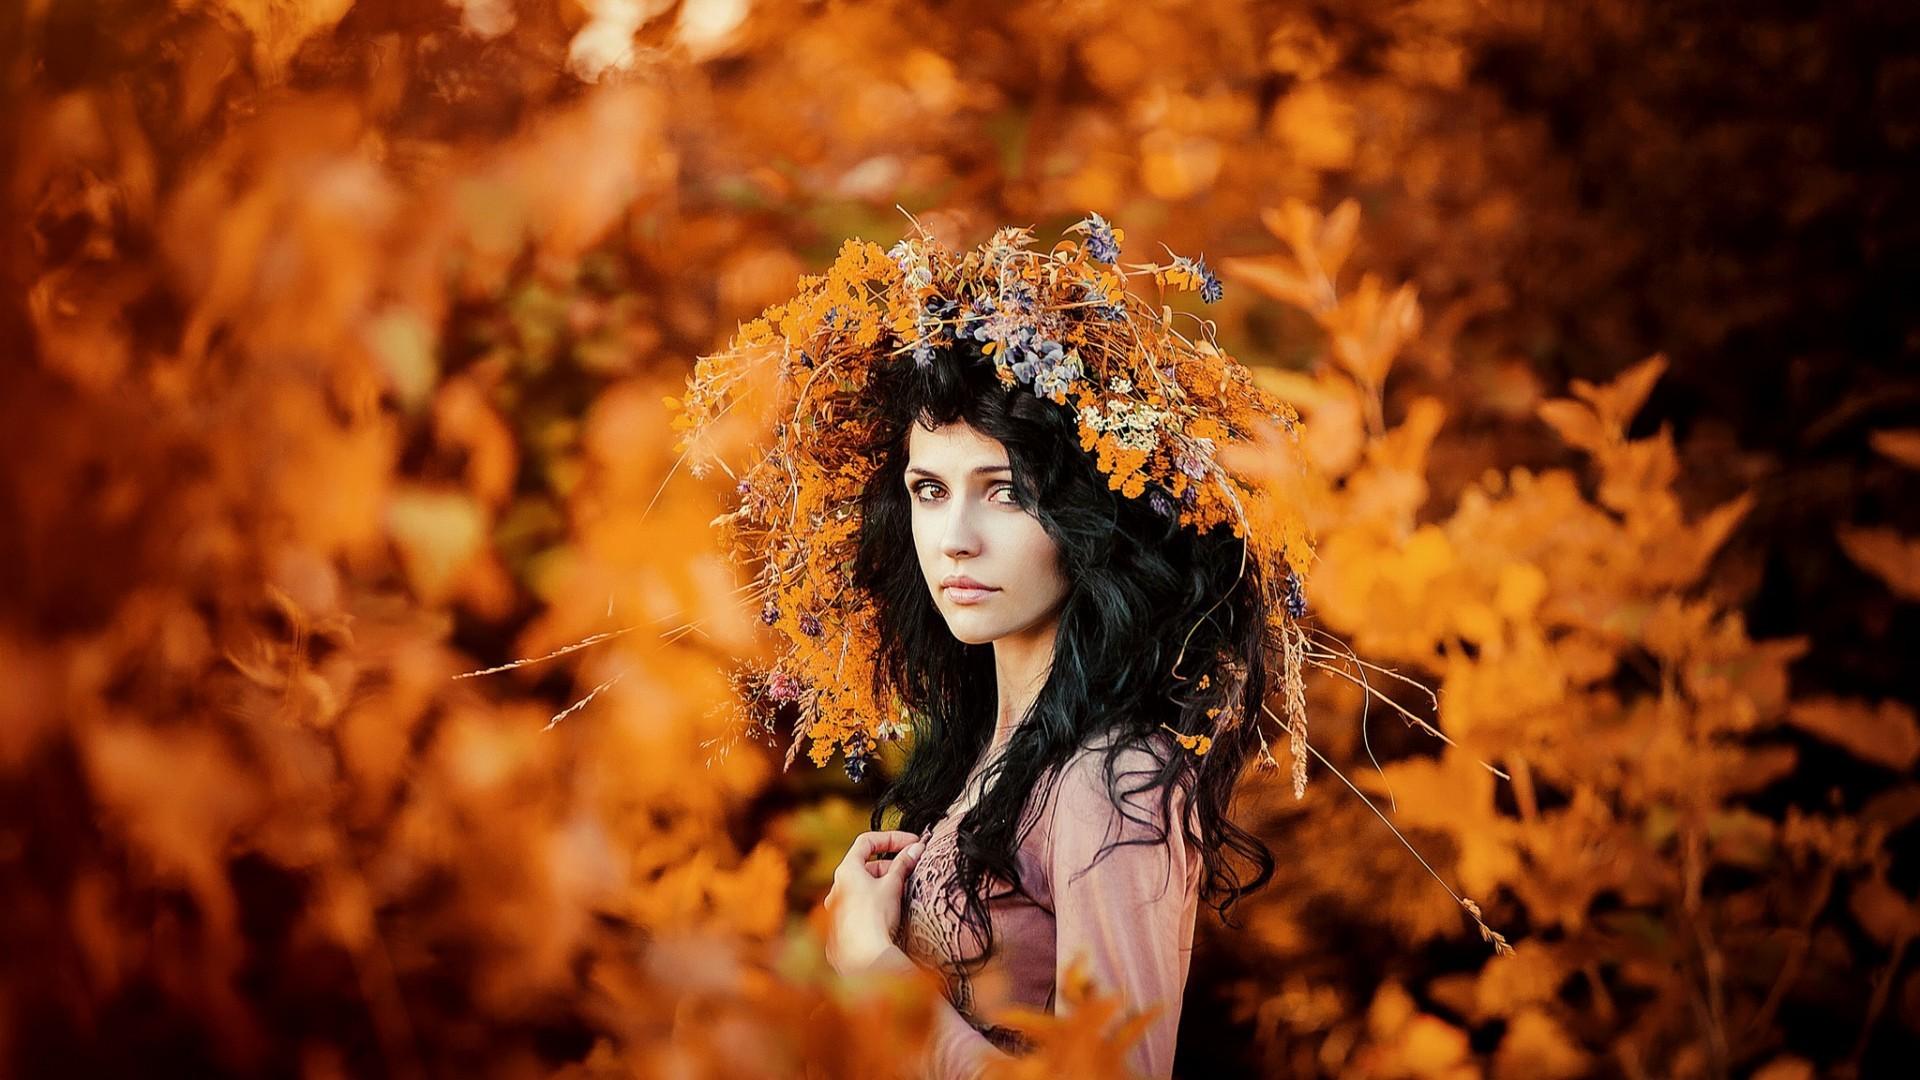 Днем петра, женщина и осень картинки красивые